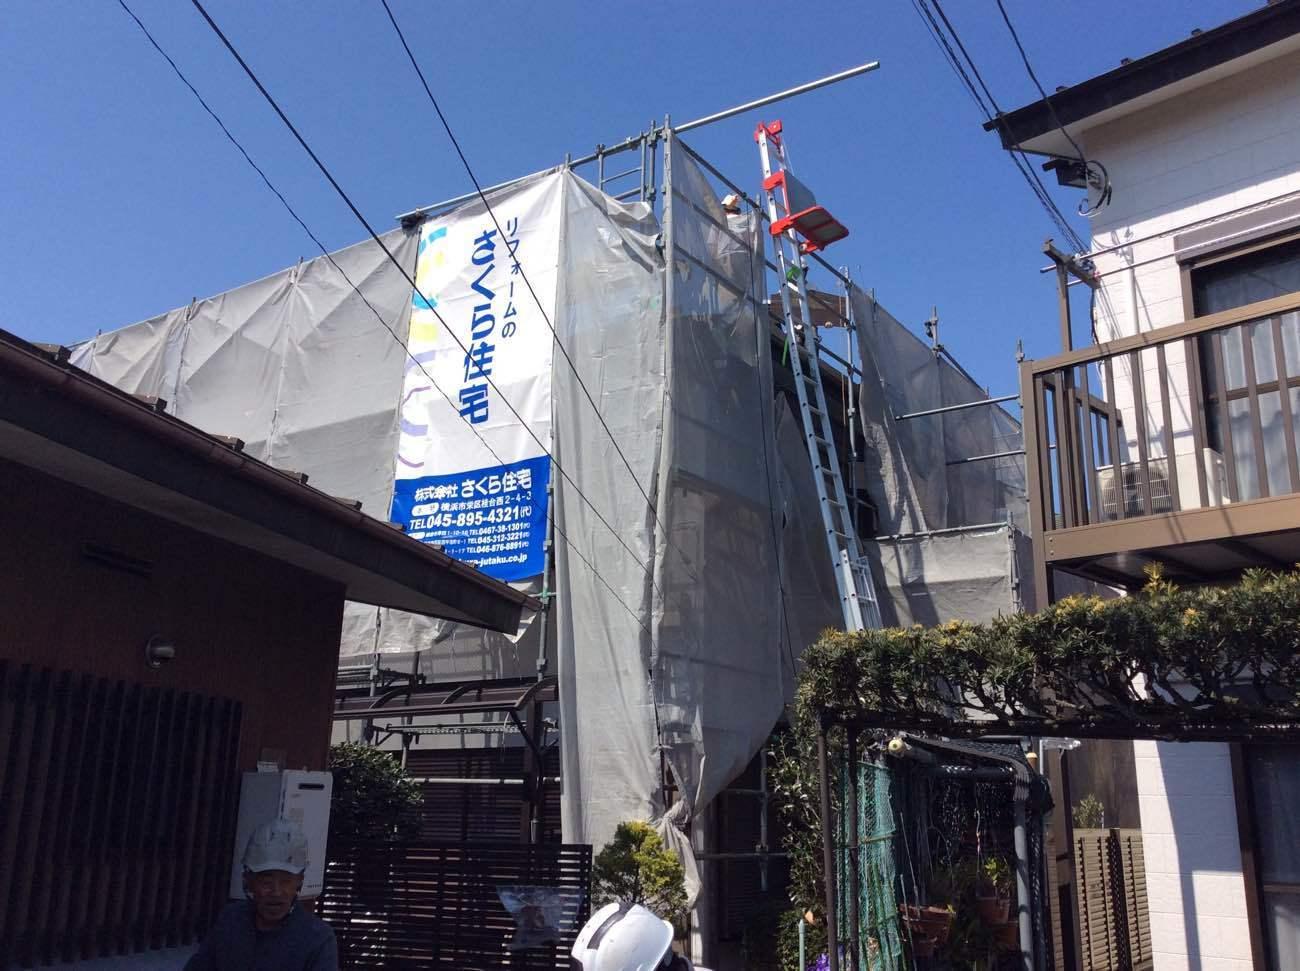 屋根葺き替え工事 _d0358411_13273853.jpg